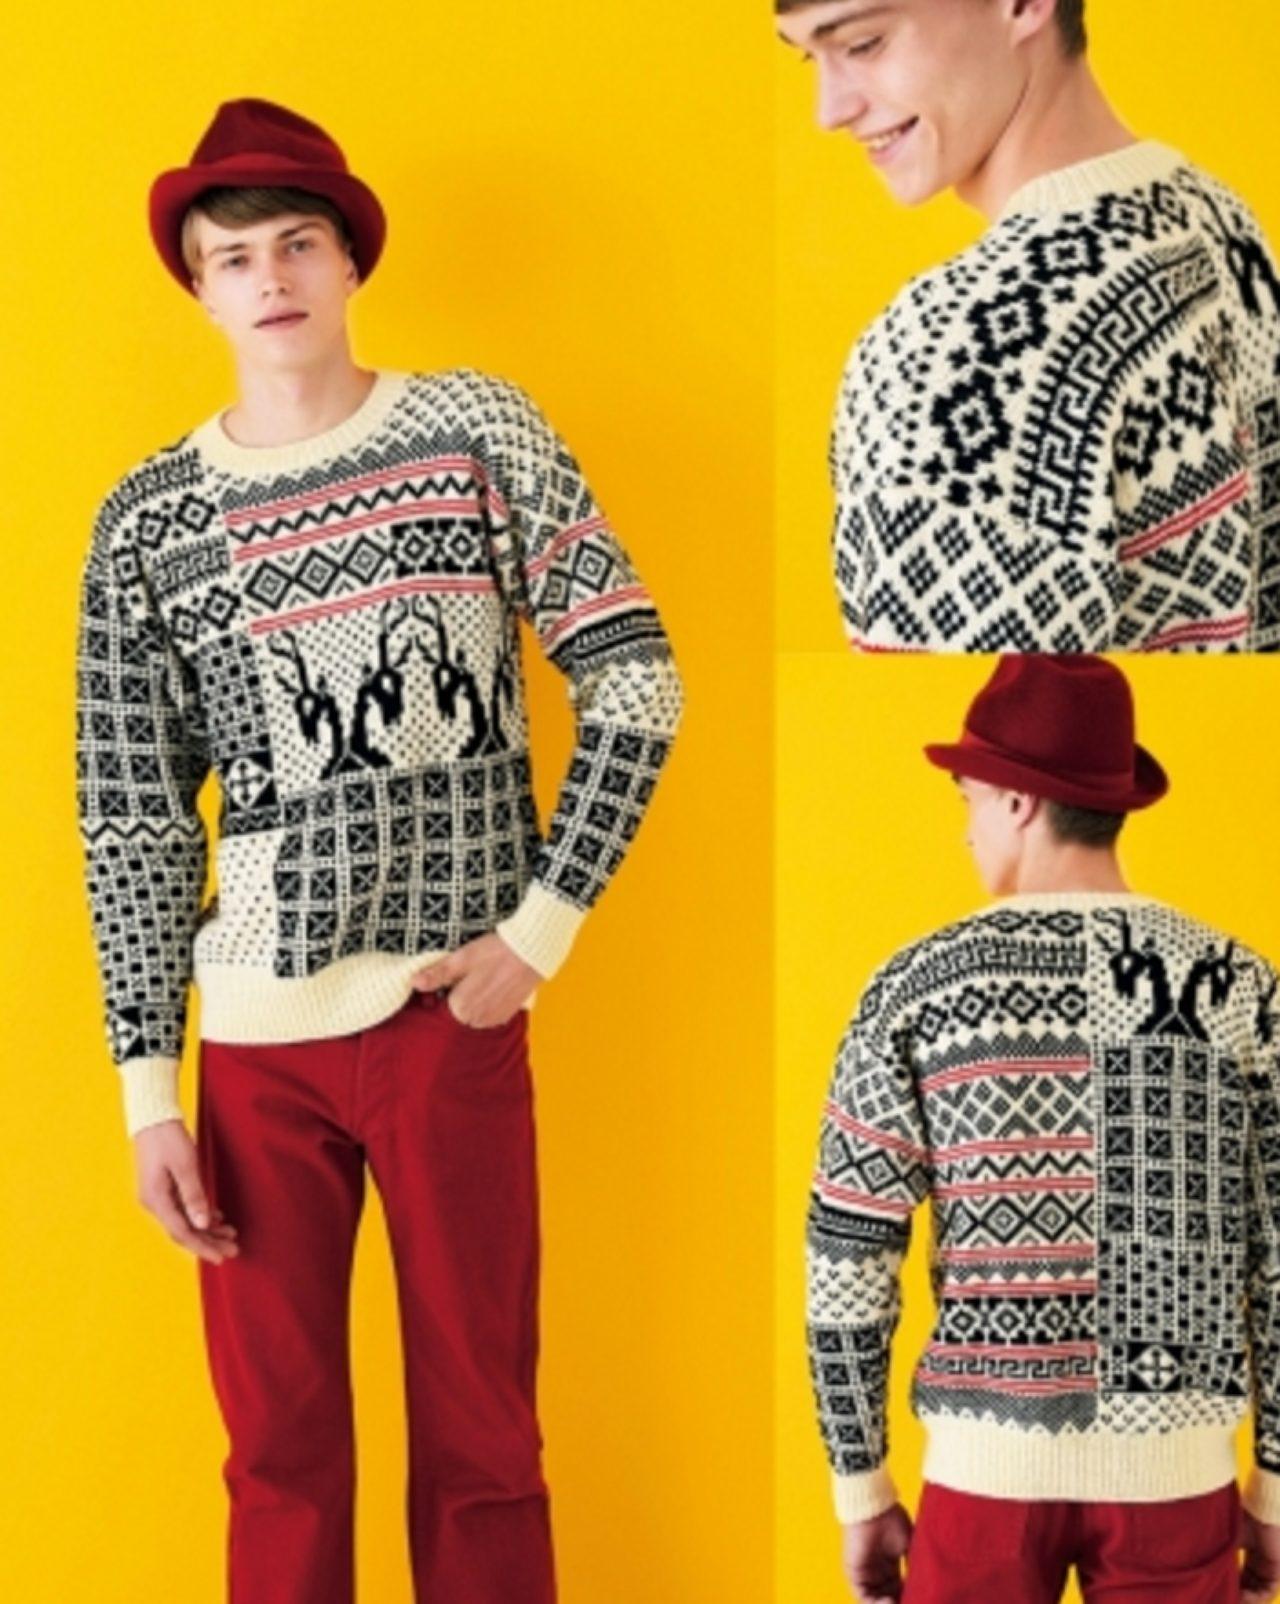 画像: 「パッチワーク」 誰にも着古したのに捨てられないセーターがあるんじゃないかな。ある時、僕たちはそれを四角く切って、何枚かをパッチワークのように縫い合わせて、セーターを作ってみた。それがあまりに素敵だったから、パッチワークセーターをデザインすることにしたんだ。左右非対称で面白いものが出来上がったよ